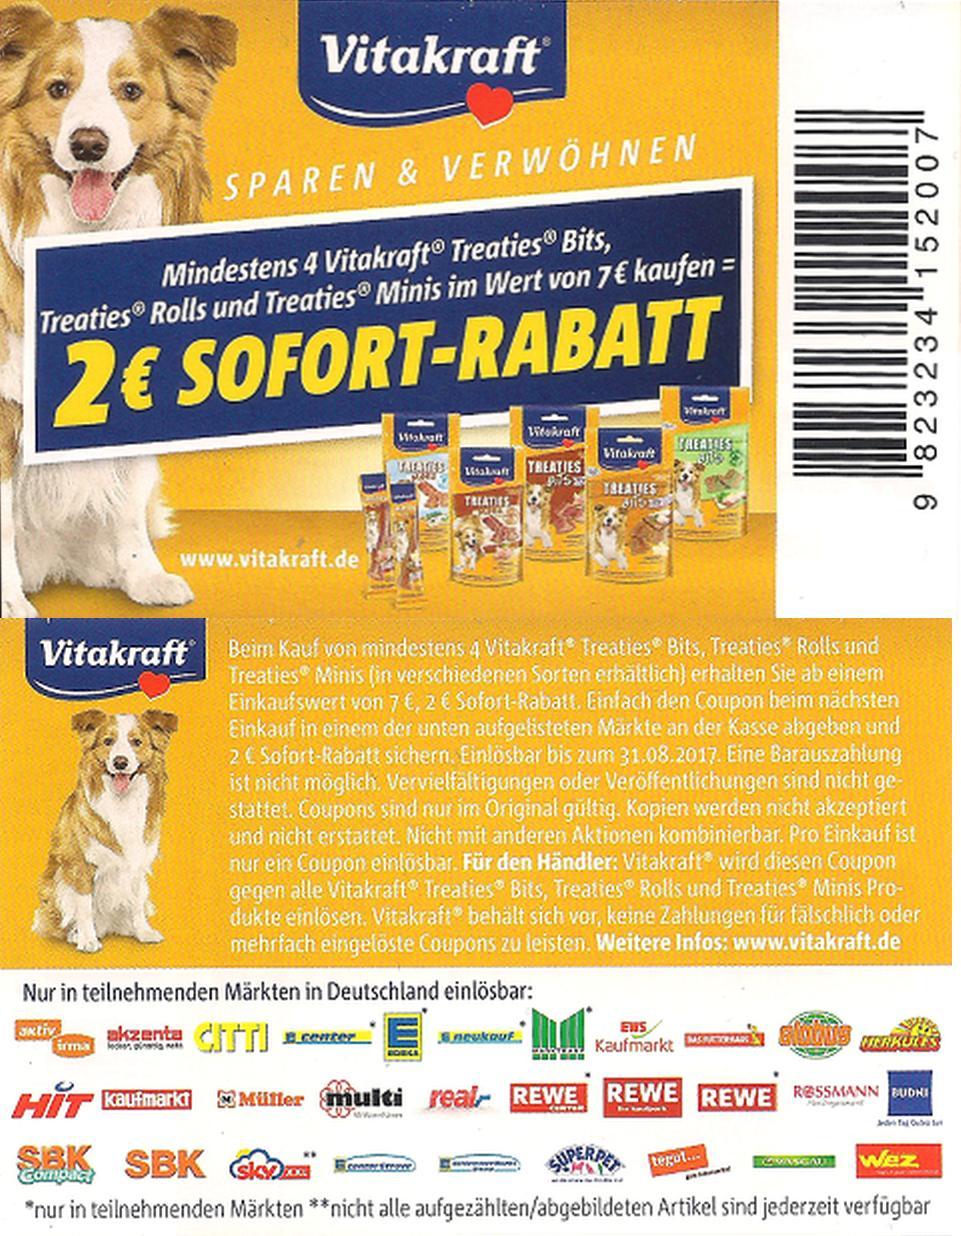 Neuer 2,00€ Regal-Coupon für 4x Vitakraft Treaties, Bits, Rolls oder Minis im Wert von 7,00€ [Bundesweit]